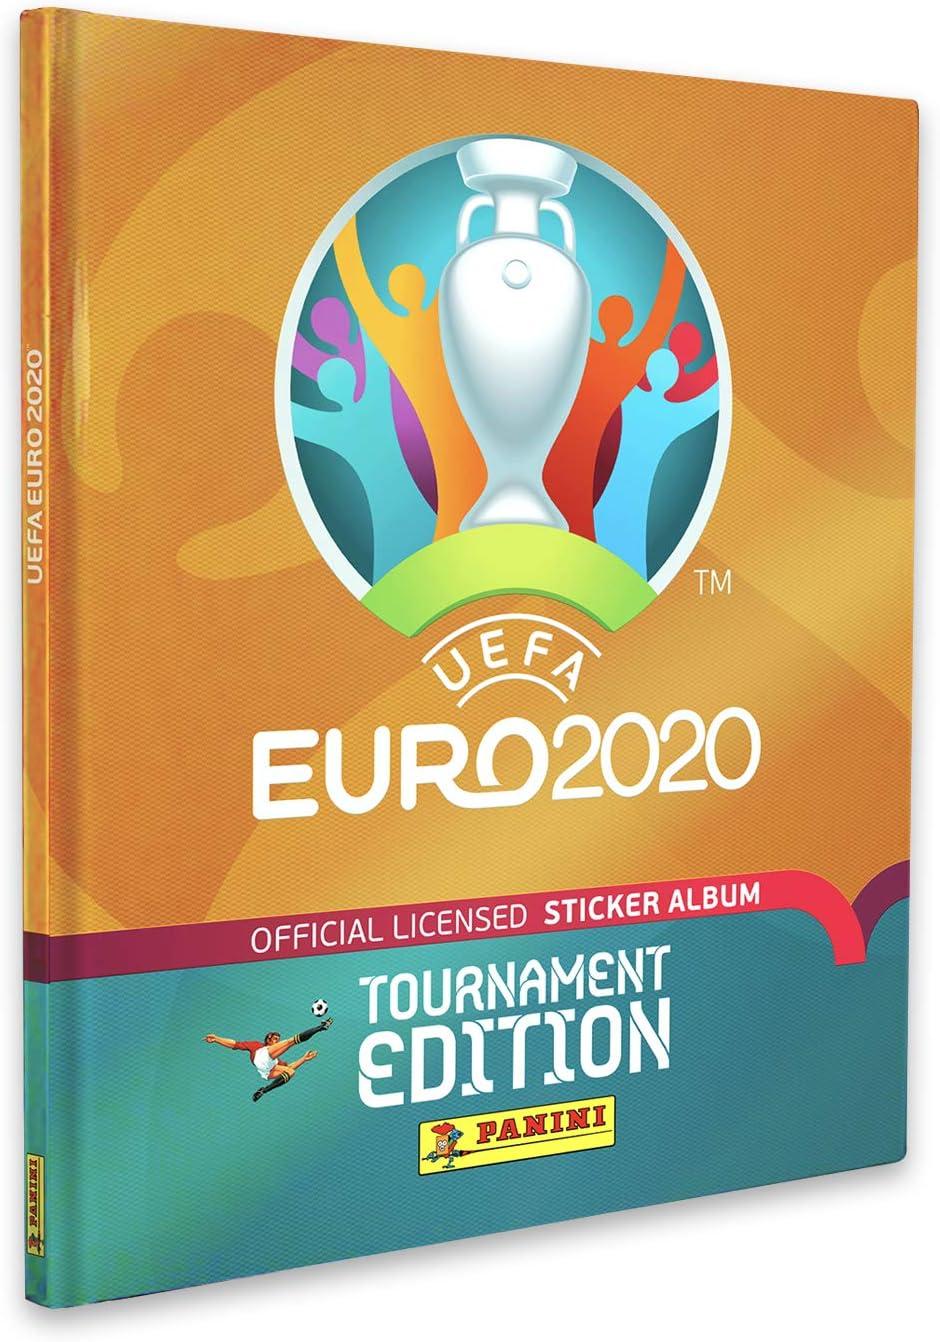 Panini UEFA Euro 2020 Stickersammlung Hardcover Album